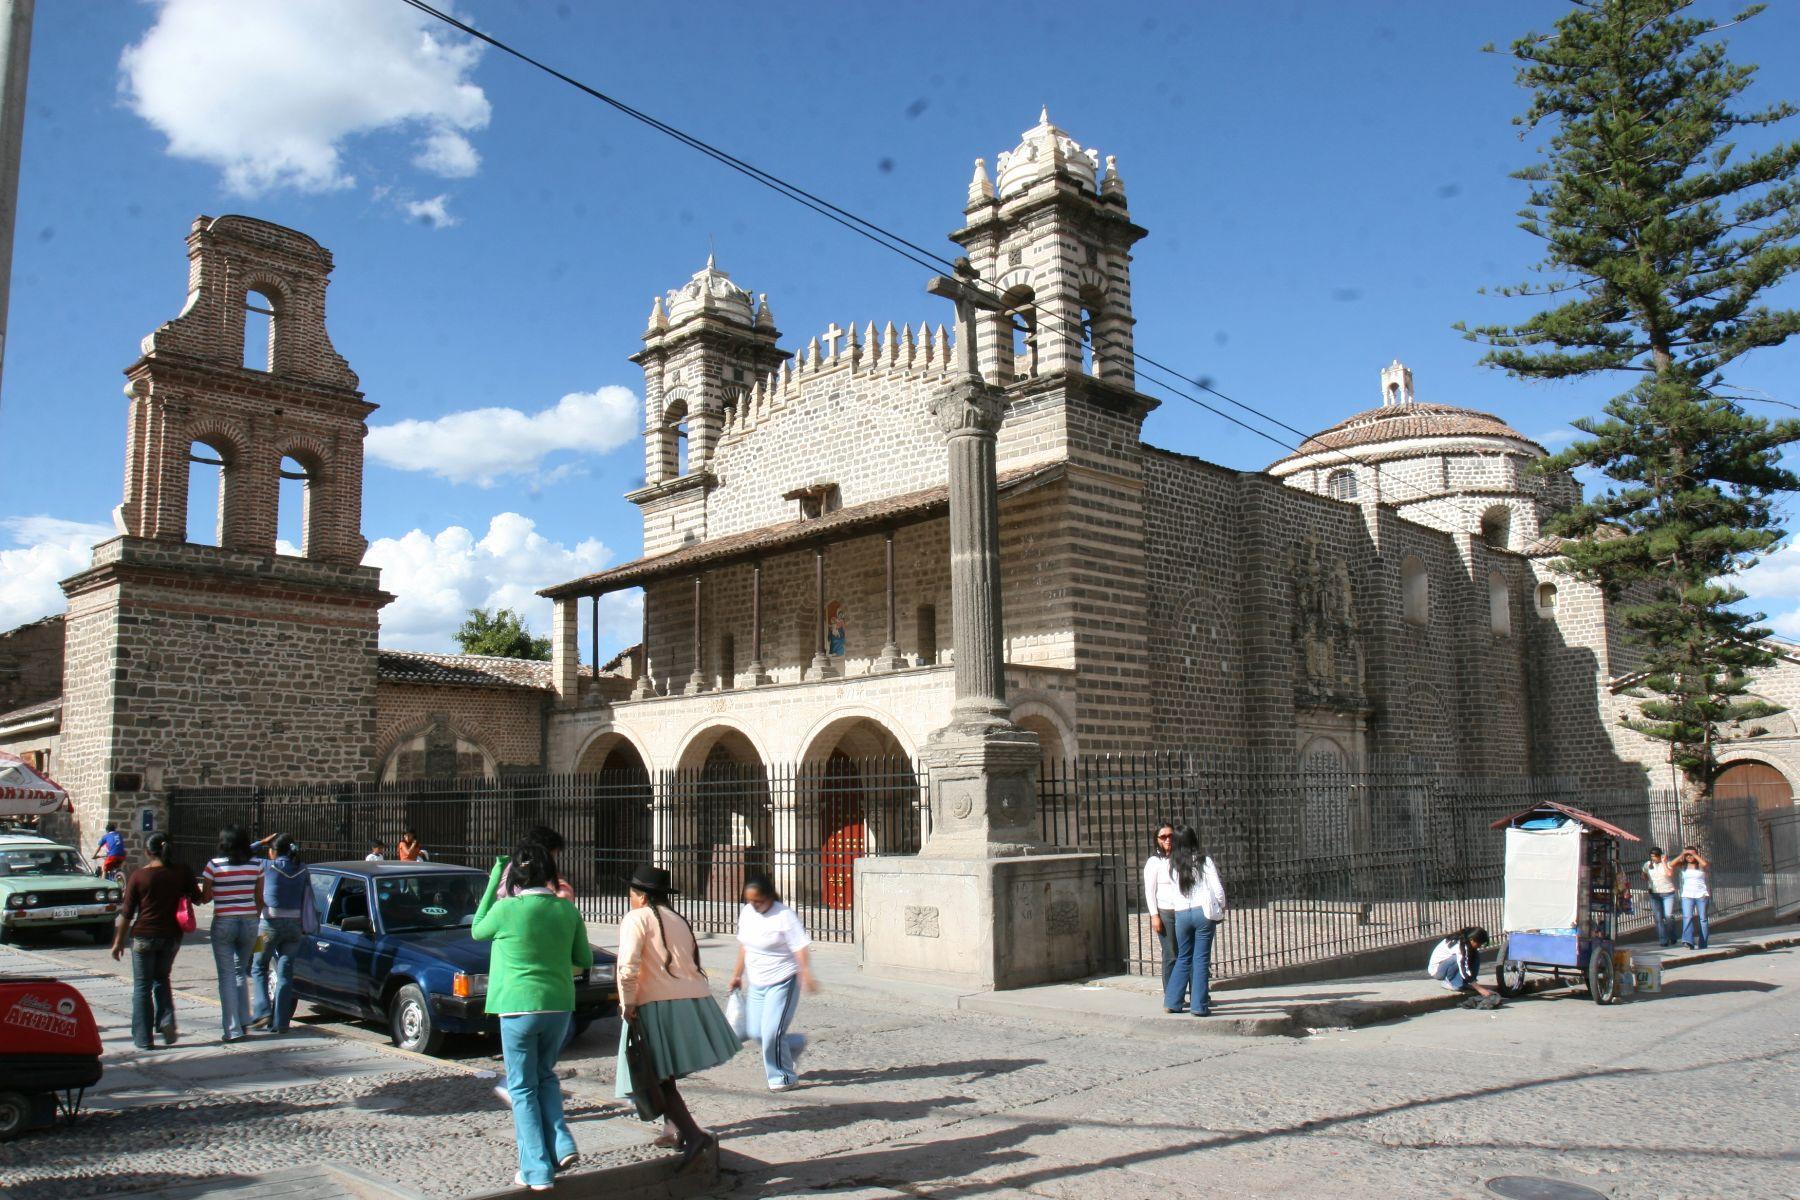 Circuito Turistico Ayacucho : Circuito turistico ayacucho mapa turístico callejón de